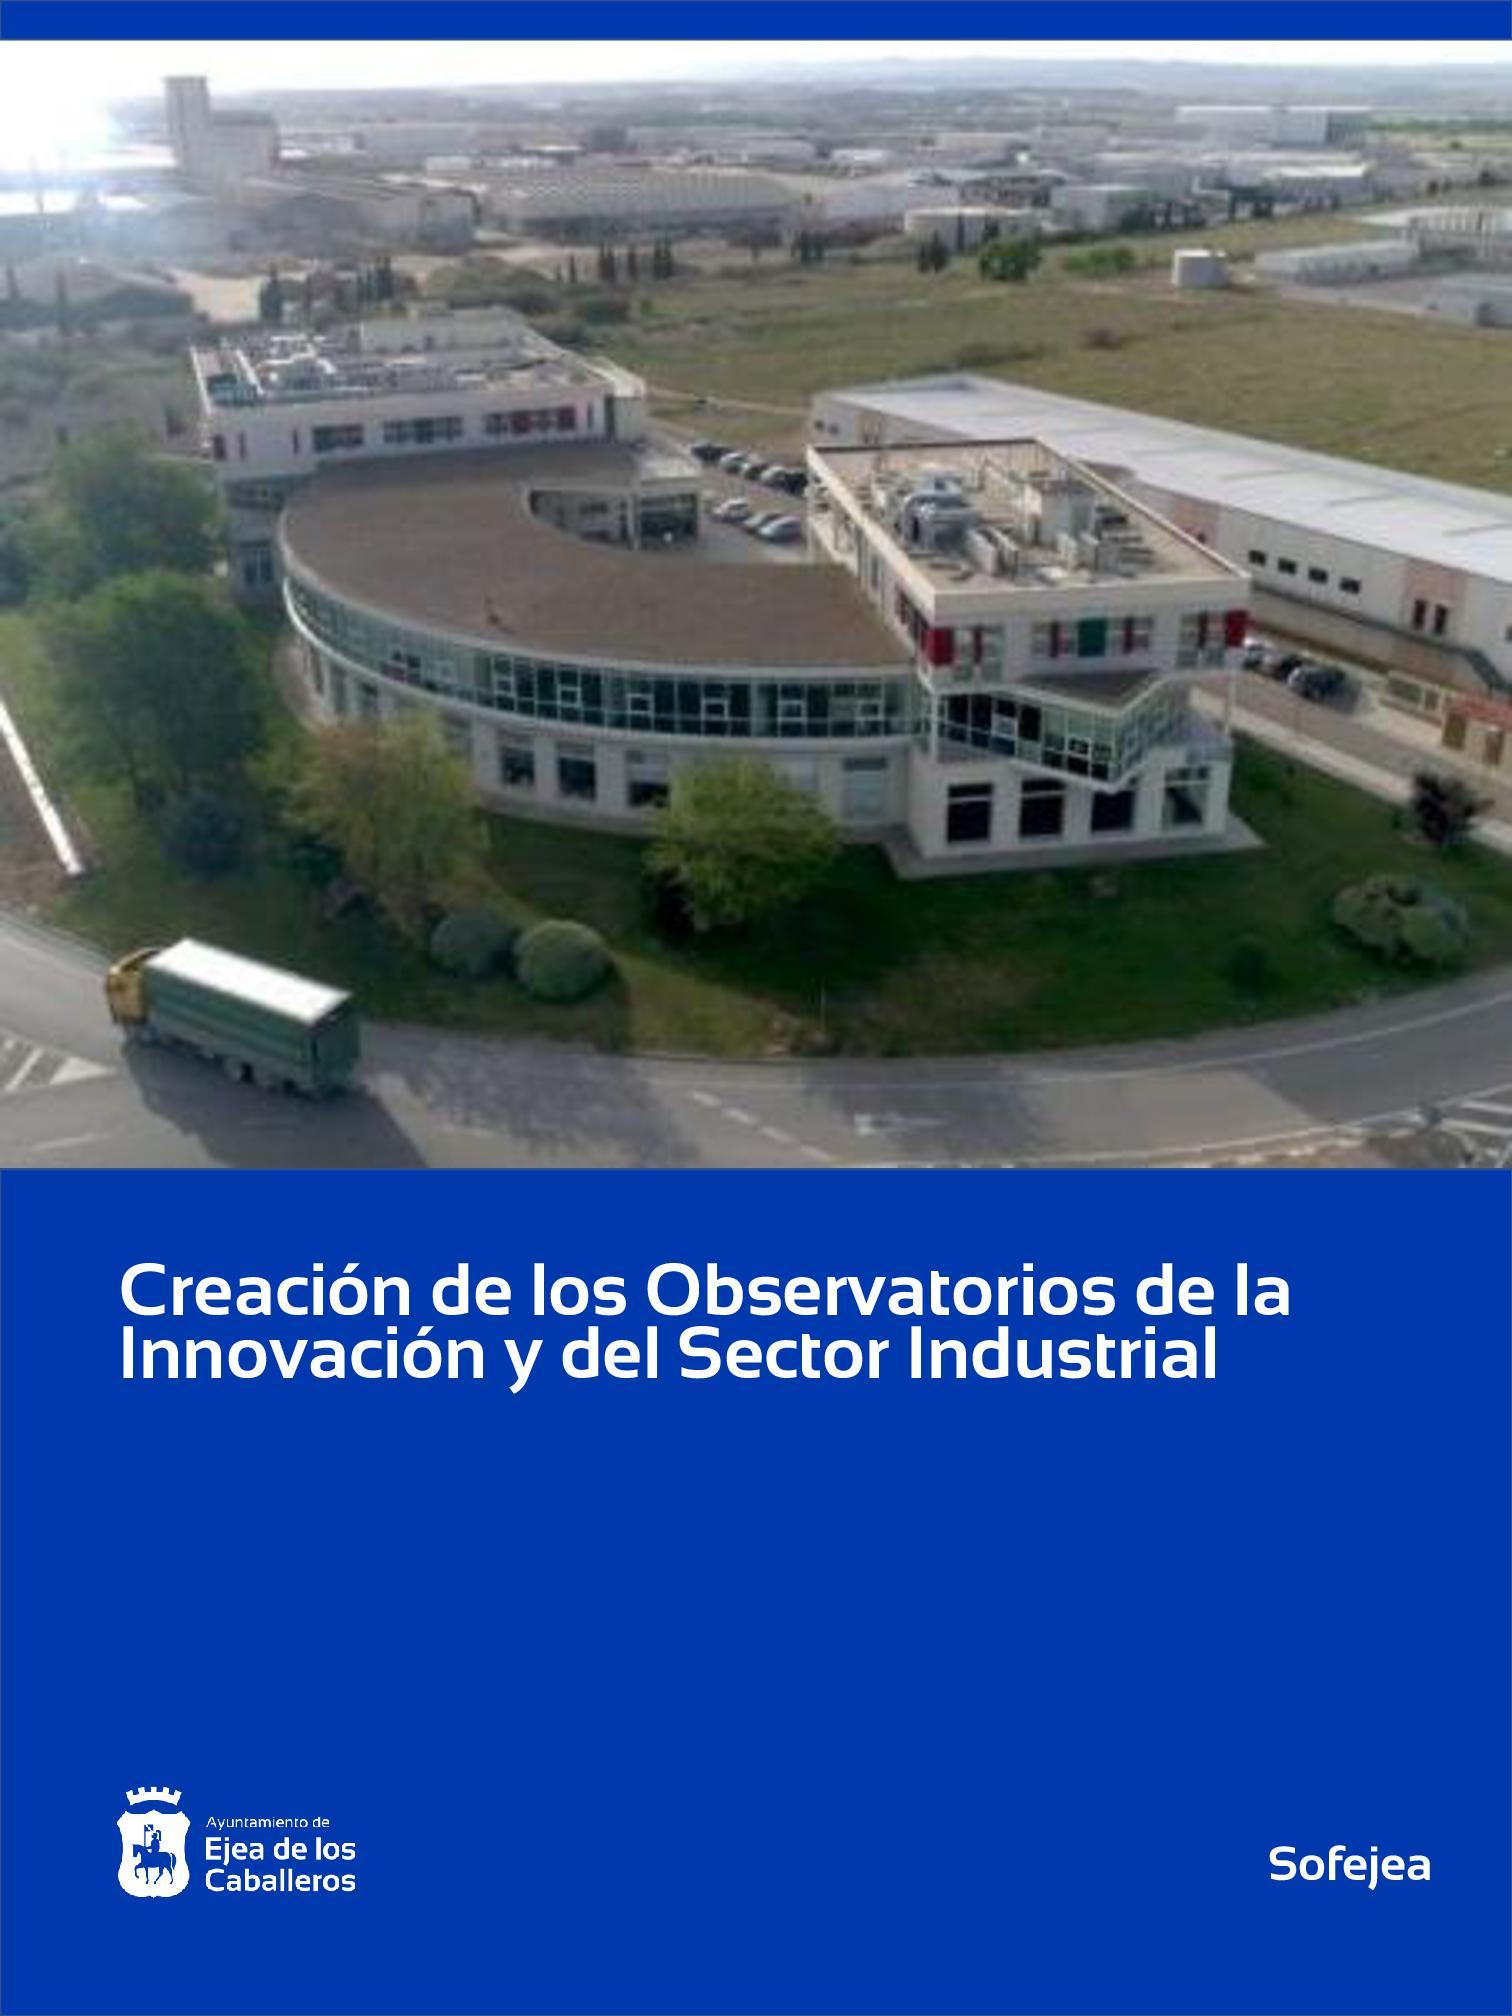 El Ayuntamiento de Ejea de los Caballeros crea los Observatorios de la Innovación y del Sector Industrial